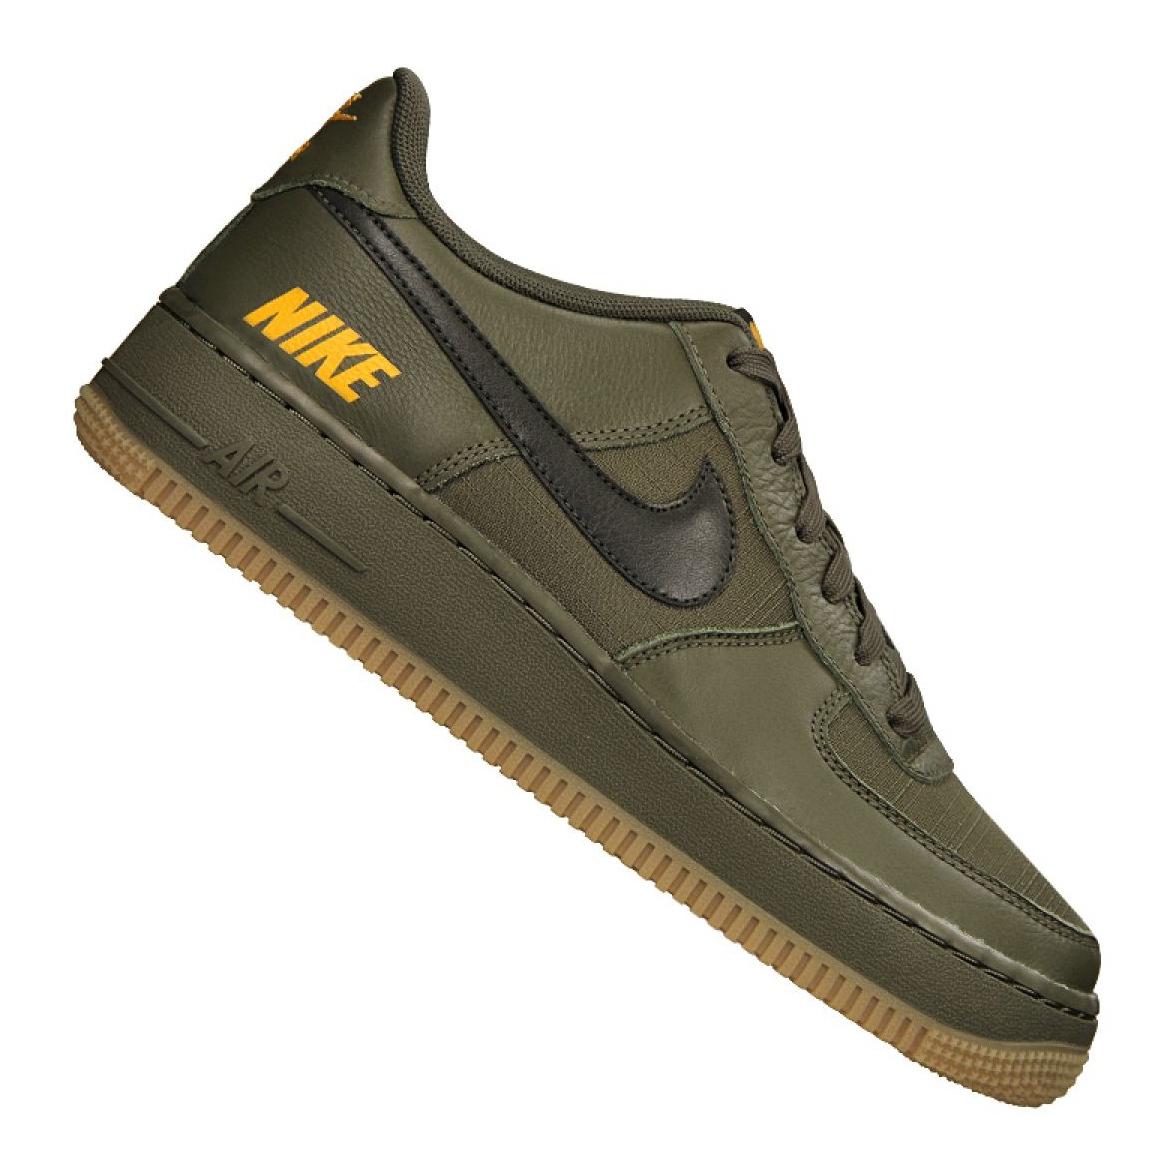 Sapatilhas Nike Air Force 1 LV8 5 (GS) Jr CQ4215 200 verde